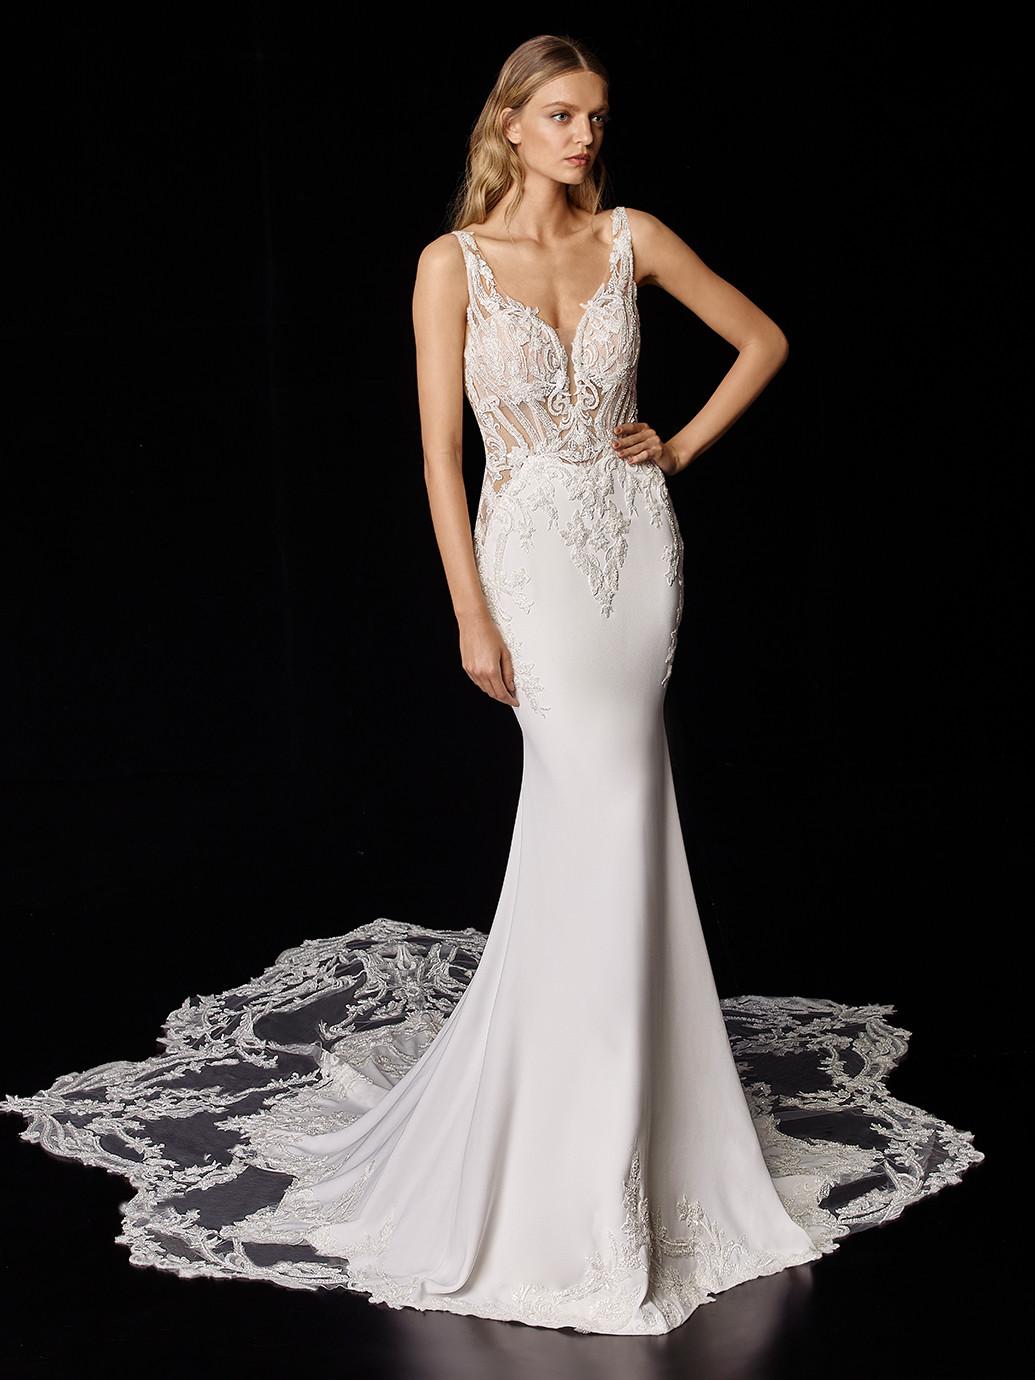 Fit-and-Flare-Brautkleid in Weiß mit transparentem Spitzentop, Tattoo-Effekt und Schleppe von Enzoani, Modell Piper